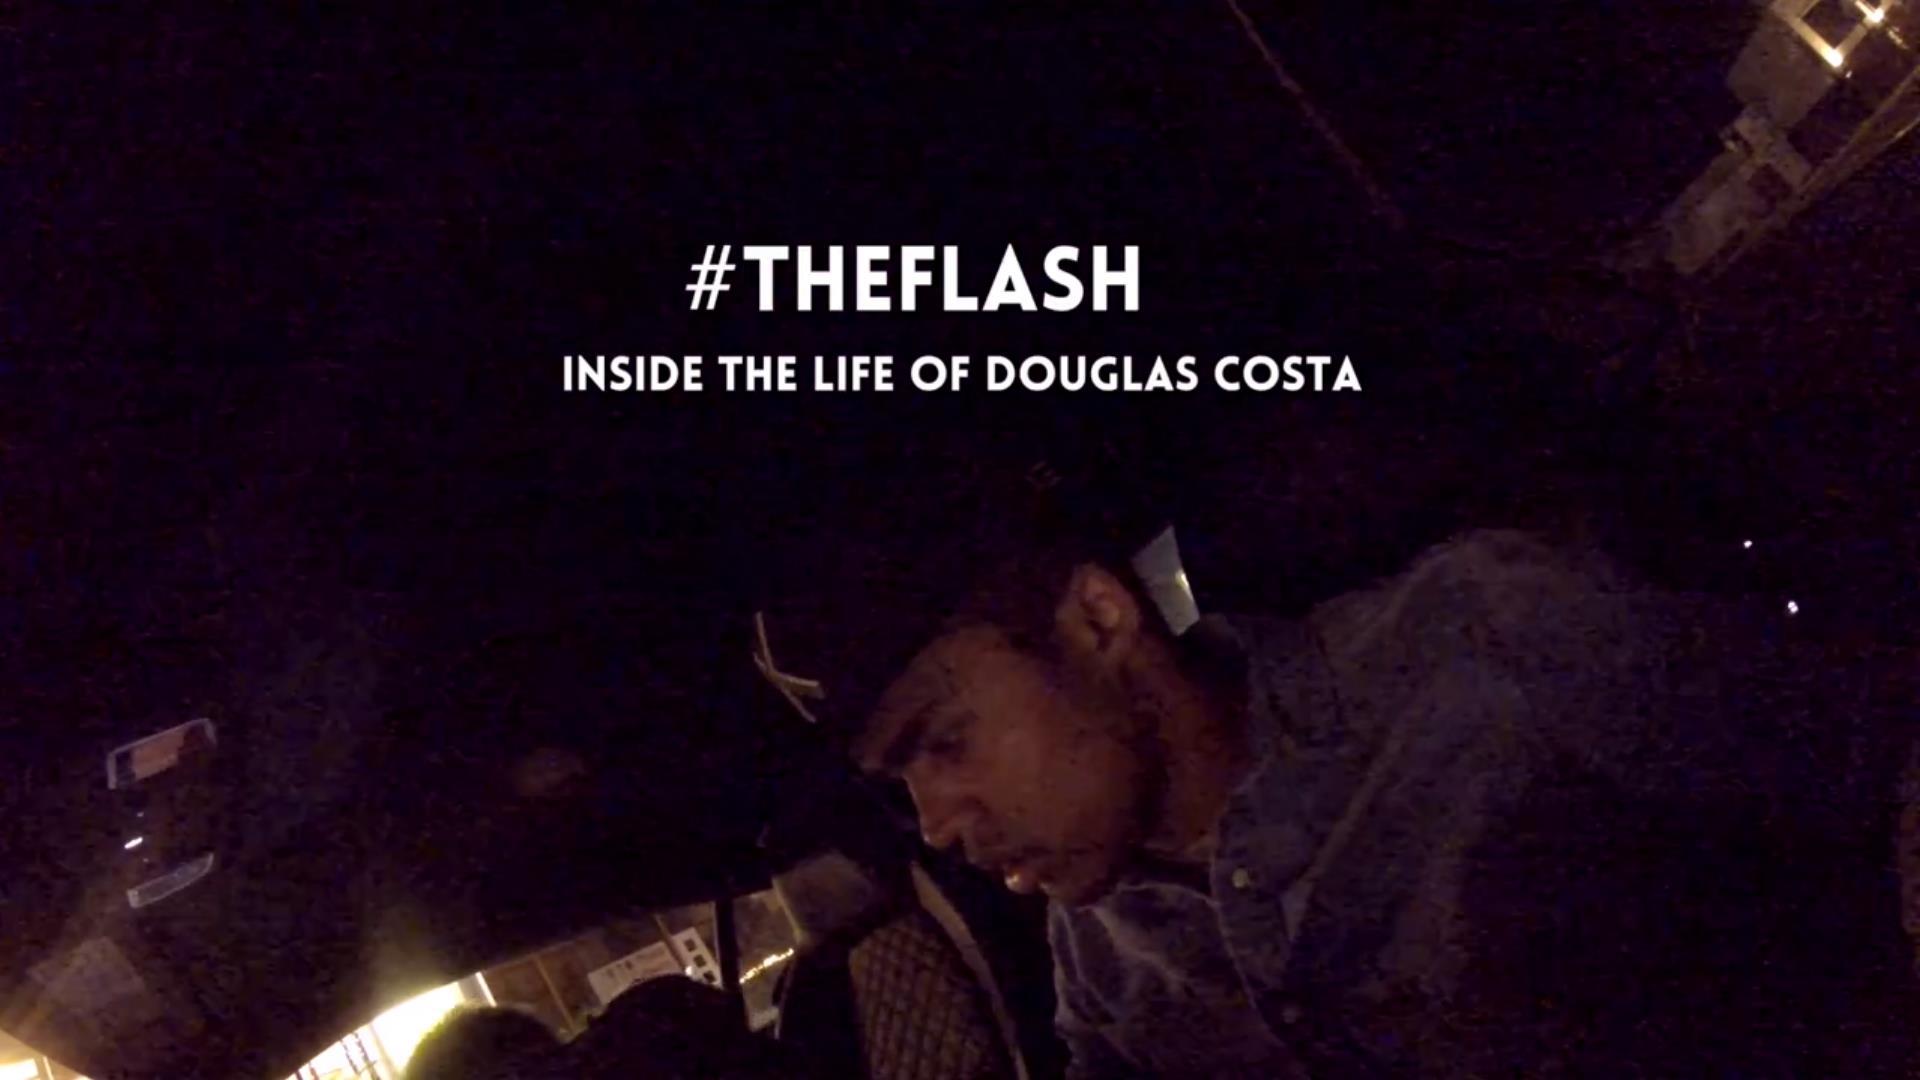 纪录片《Inside the life of Douglas Costa》